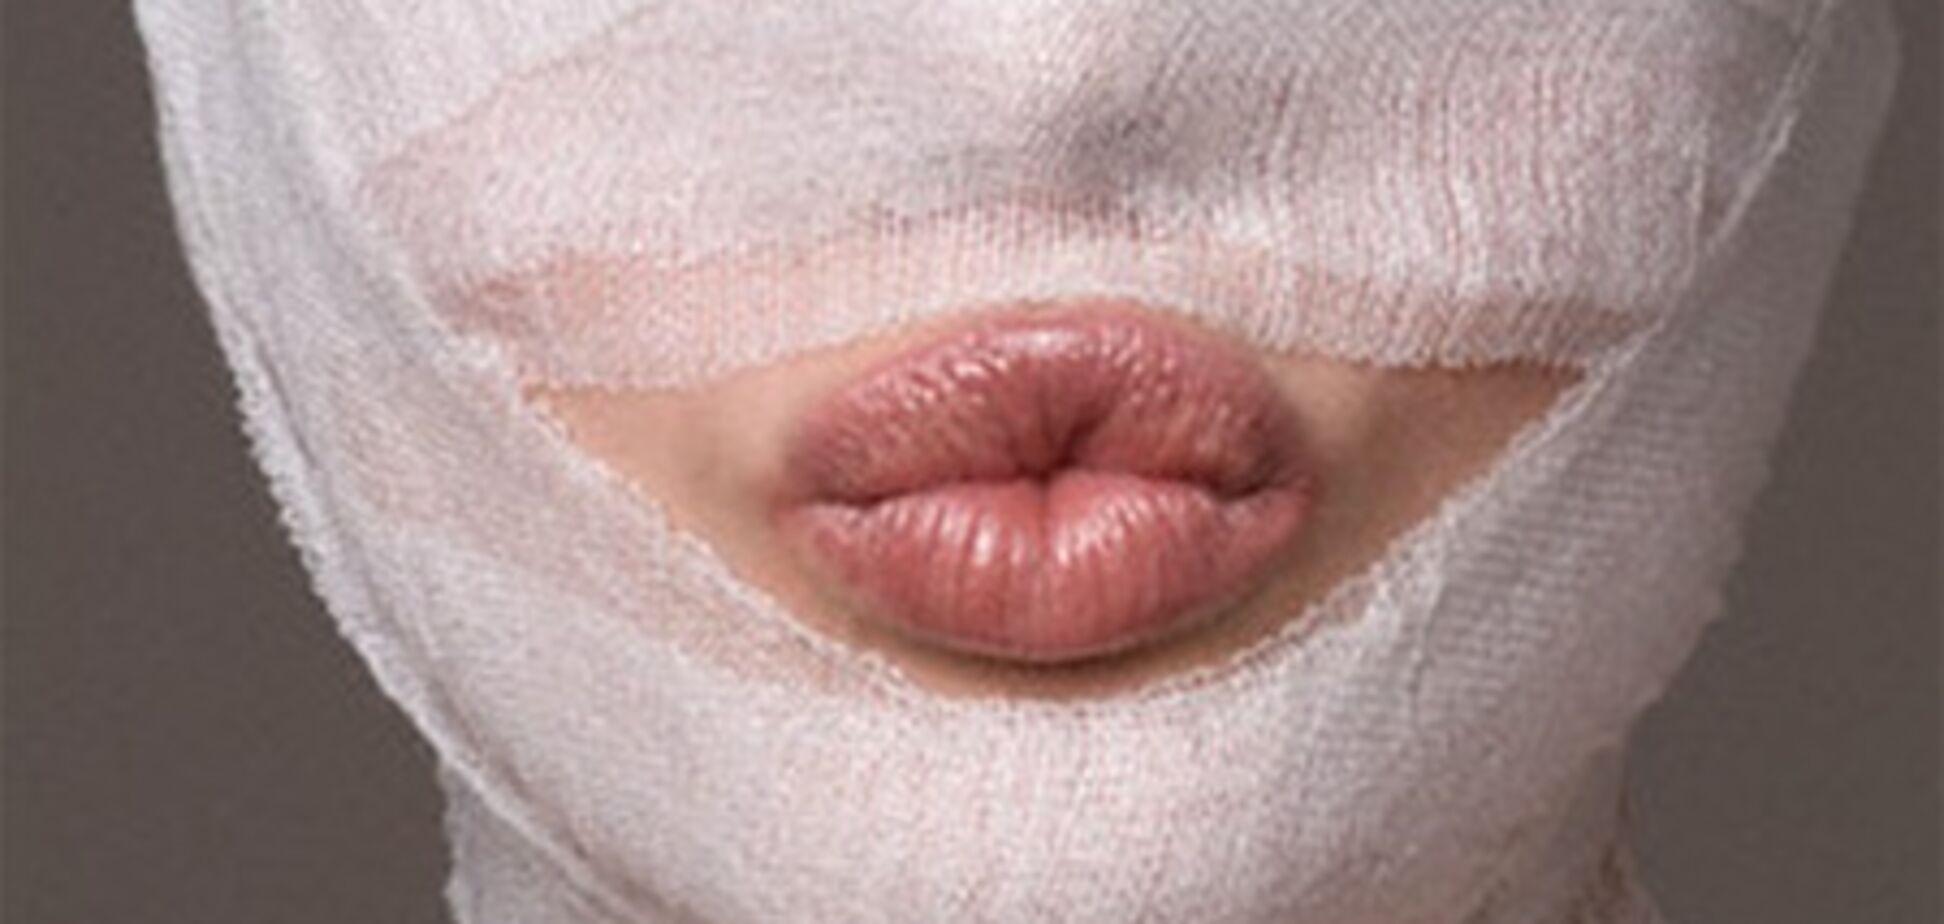 Мужчины увеличивают губы и делают эпиляции